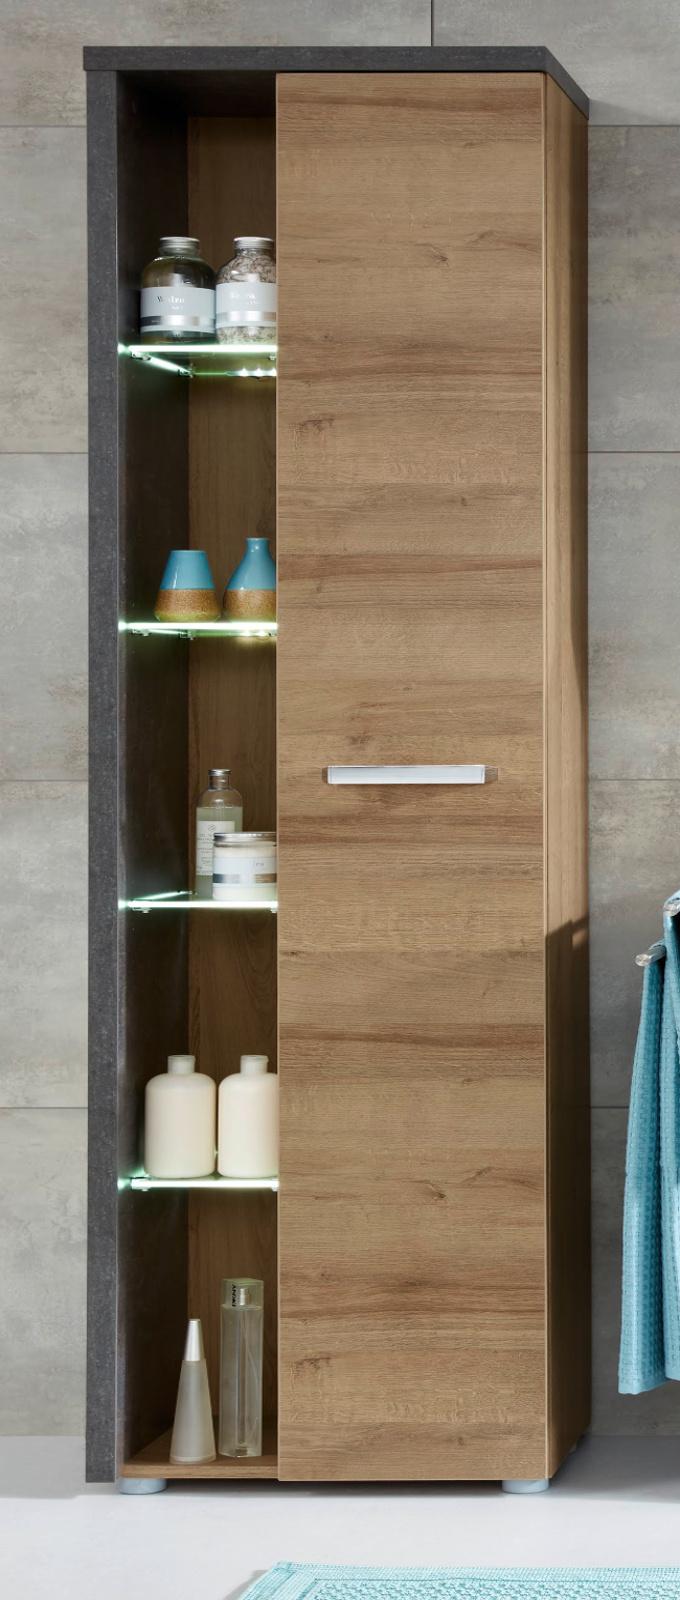 Badezimmer Hochschrank Eiche Honig Nb. und grau Beton Design 20 x 20 cm  Badschrank mit Soft Close Badmöbel Bay